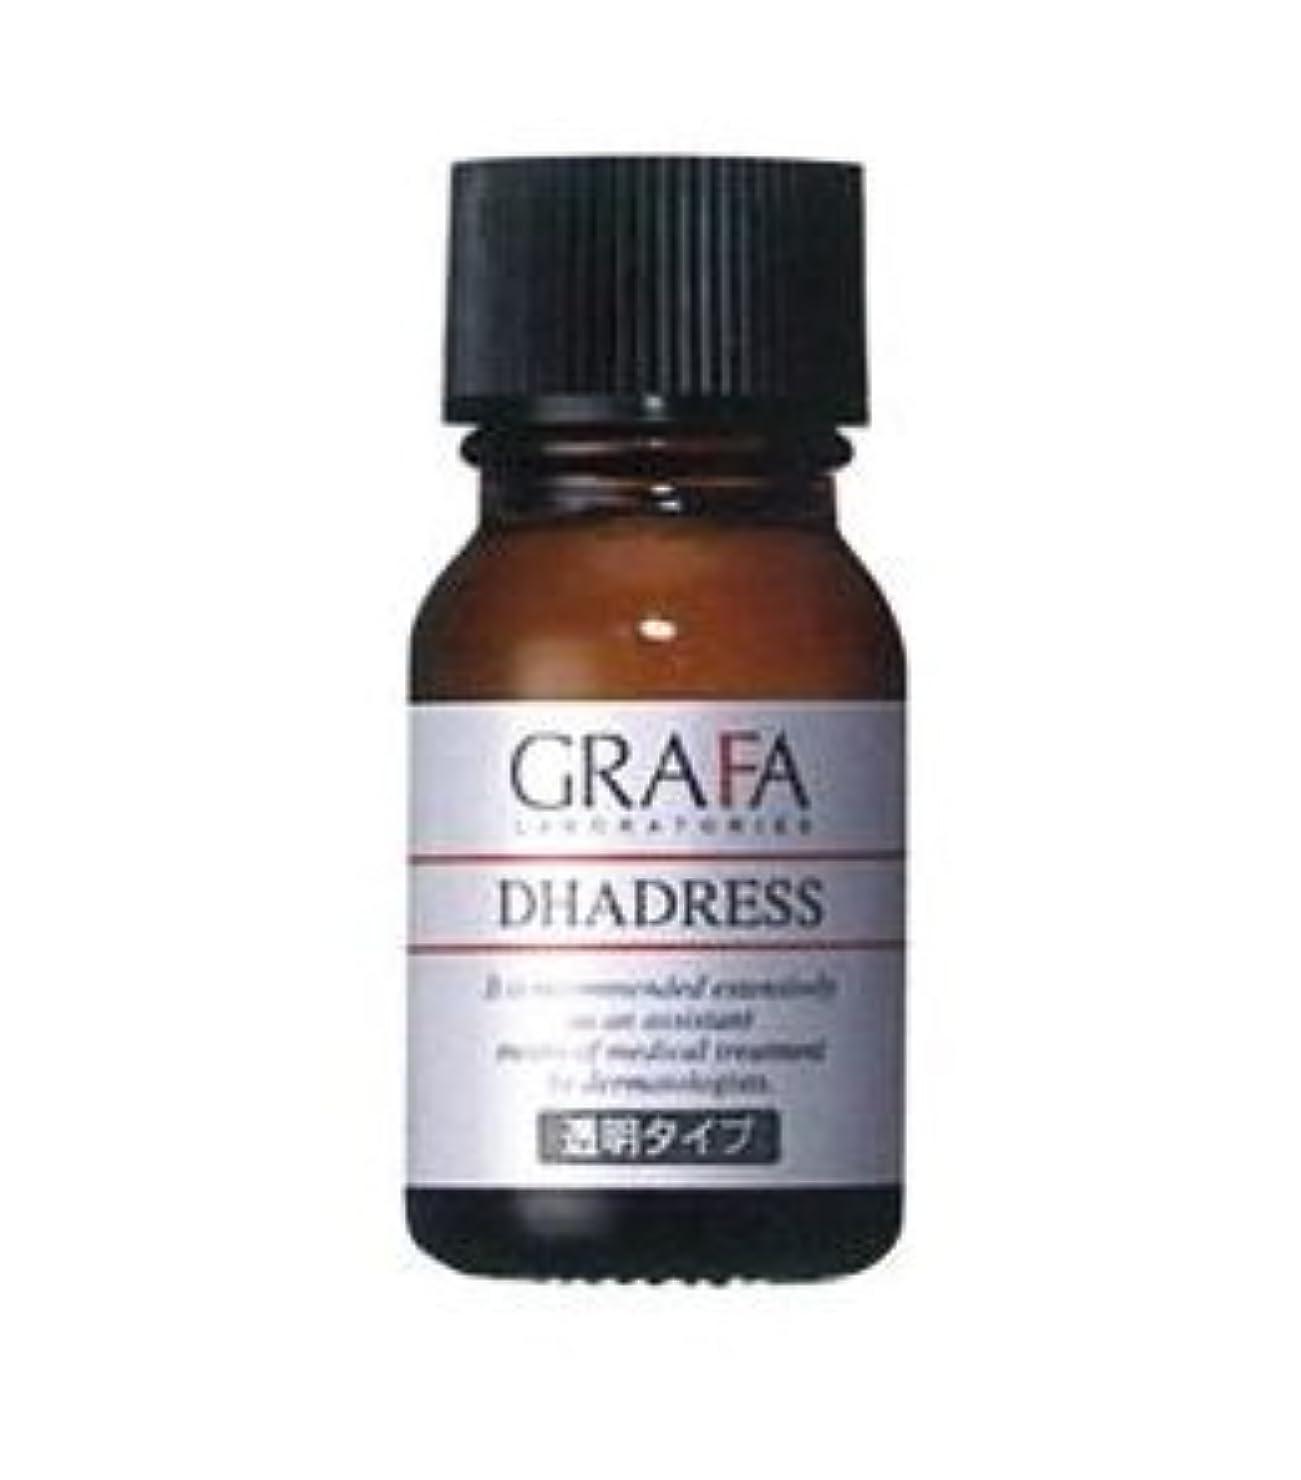 燃やす告白動作グラファ ダドレス (透明タイプ) 11mL 着色用化粧水 GRAFA DHADRESS